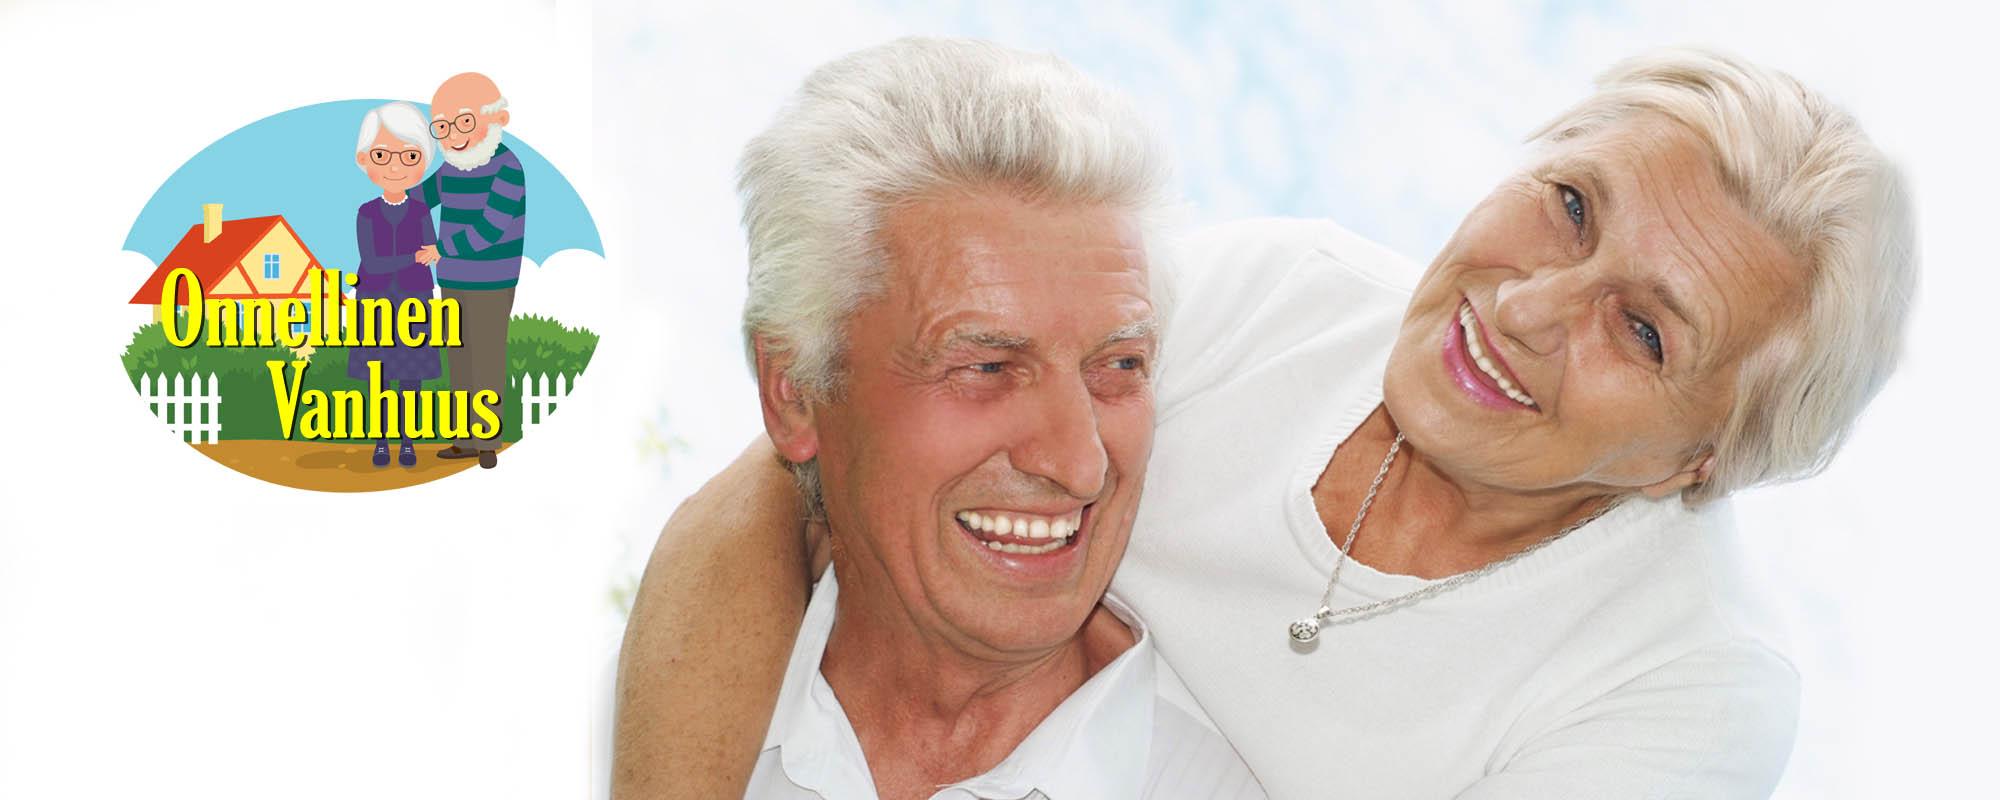 Onnellinen vanhuus